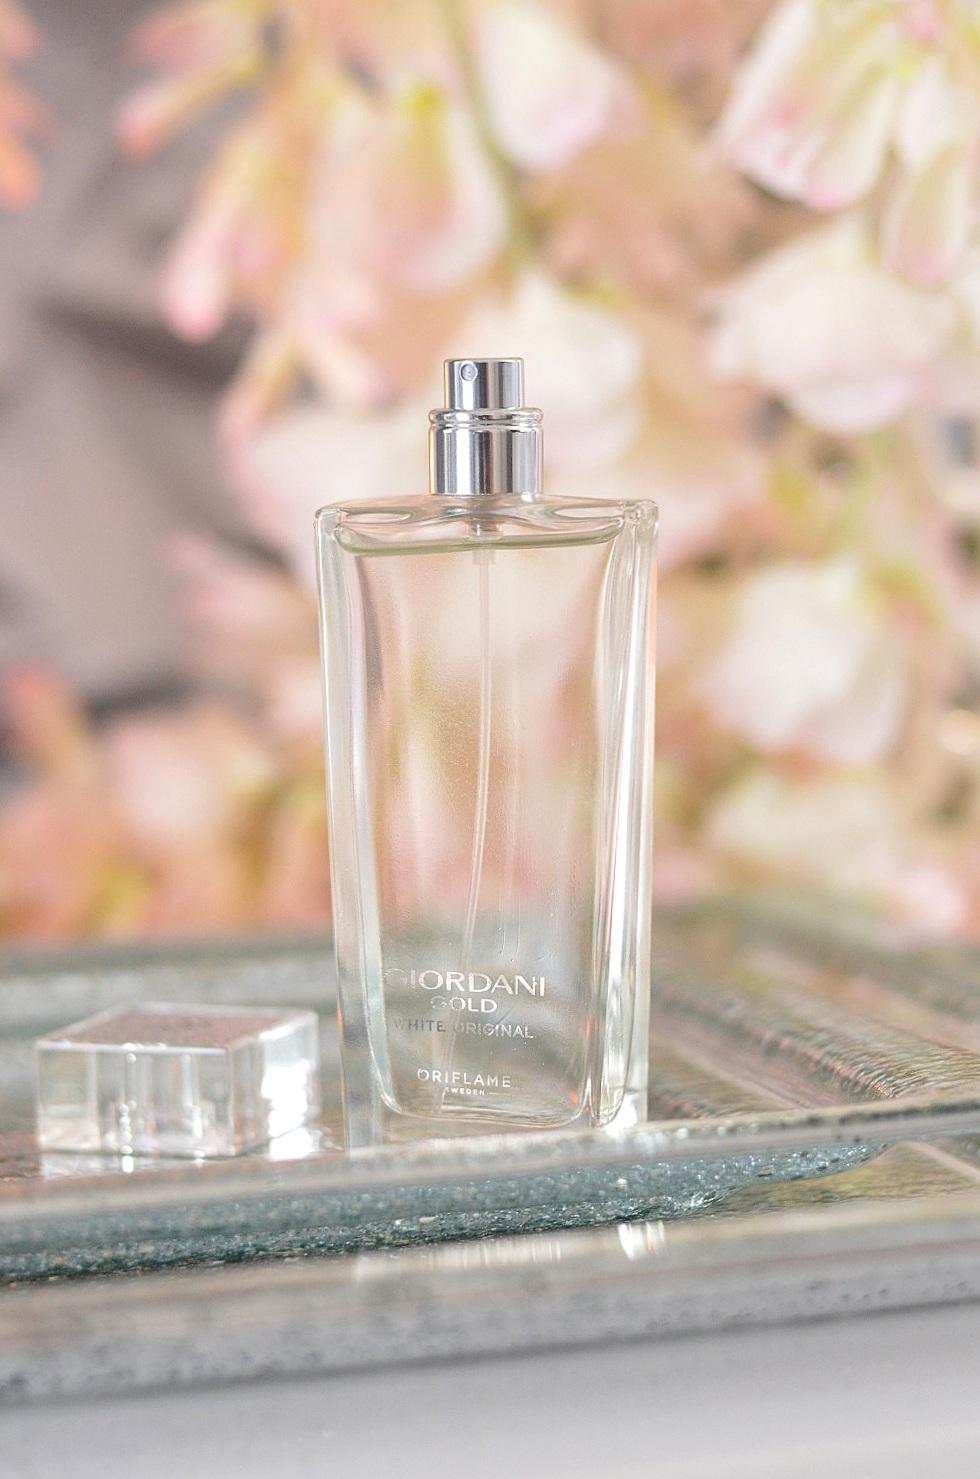 Giordani Gold White Original Klasyczny Zapach Oriflame Po Zmianach Aktualny Katalog Lubicie Klasyczne Zapachy Znacie